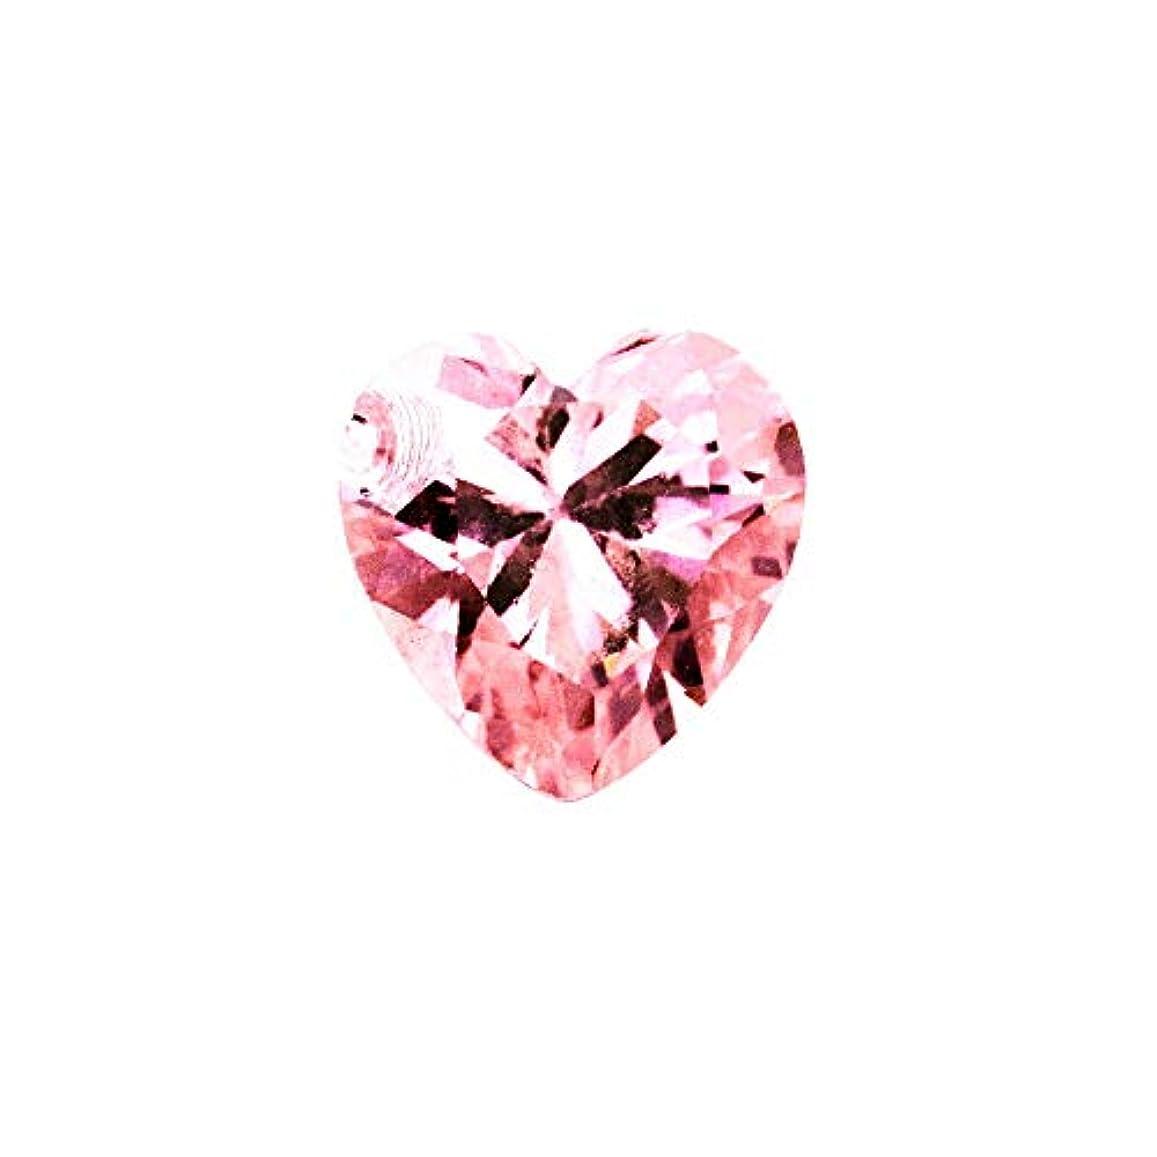 会話型コート解放irogel イロジェル ラインストーン ジルコニア製 グロッシーストーン【ピンク】5mm 6個入り